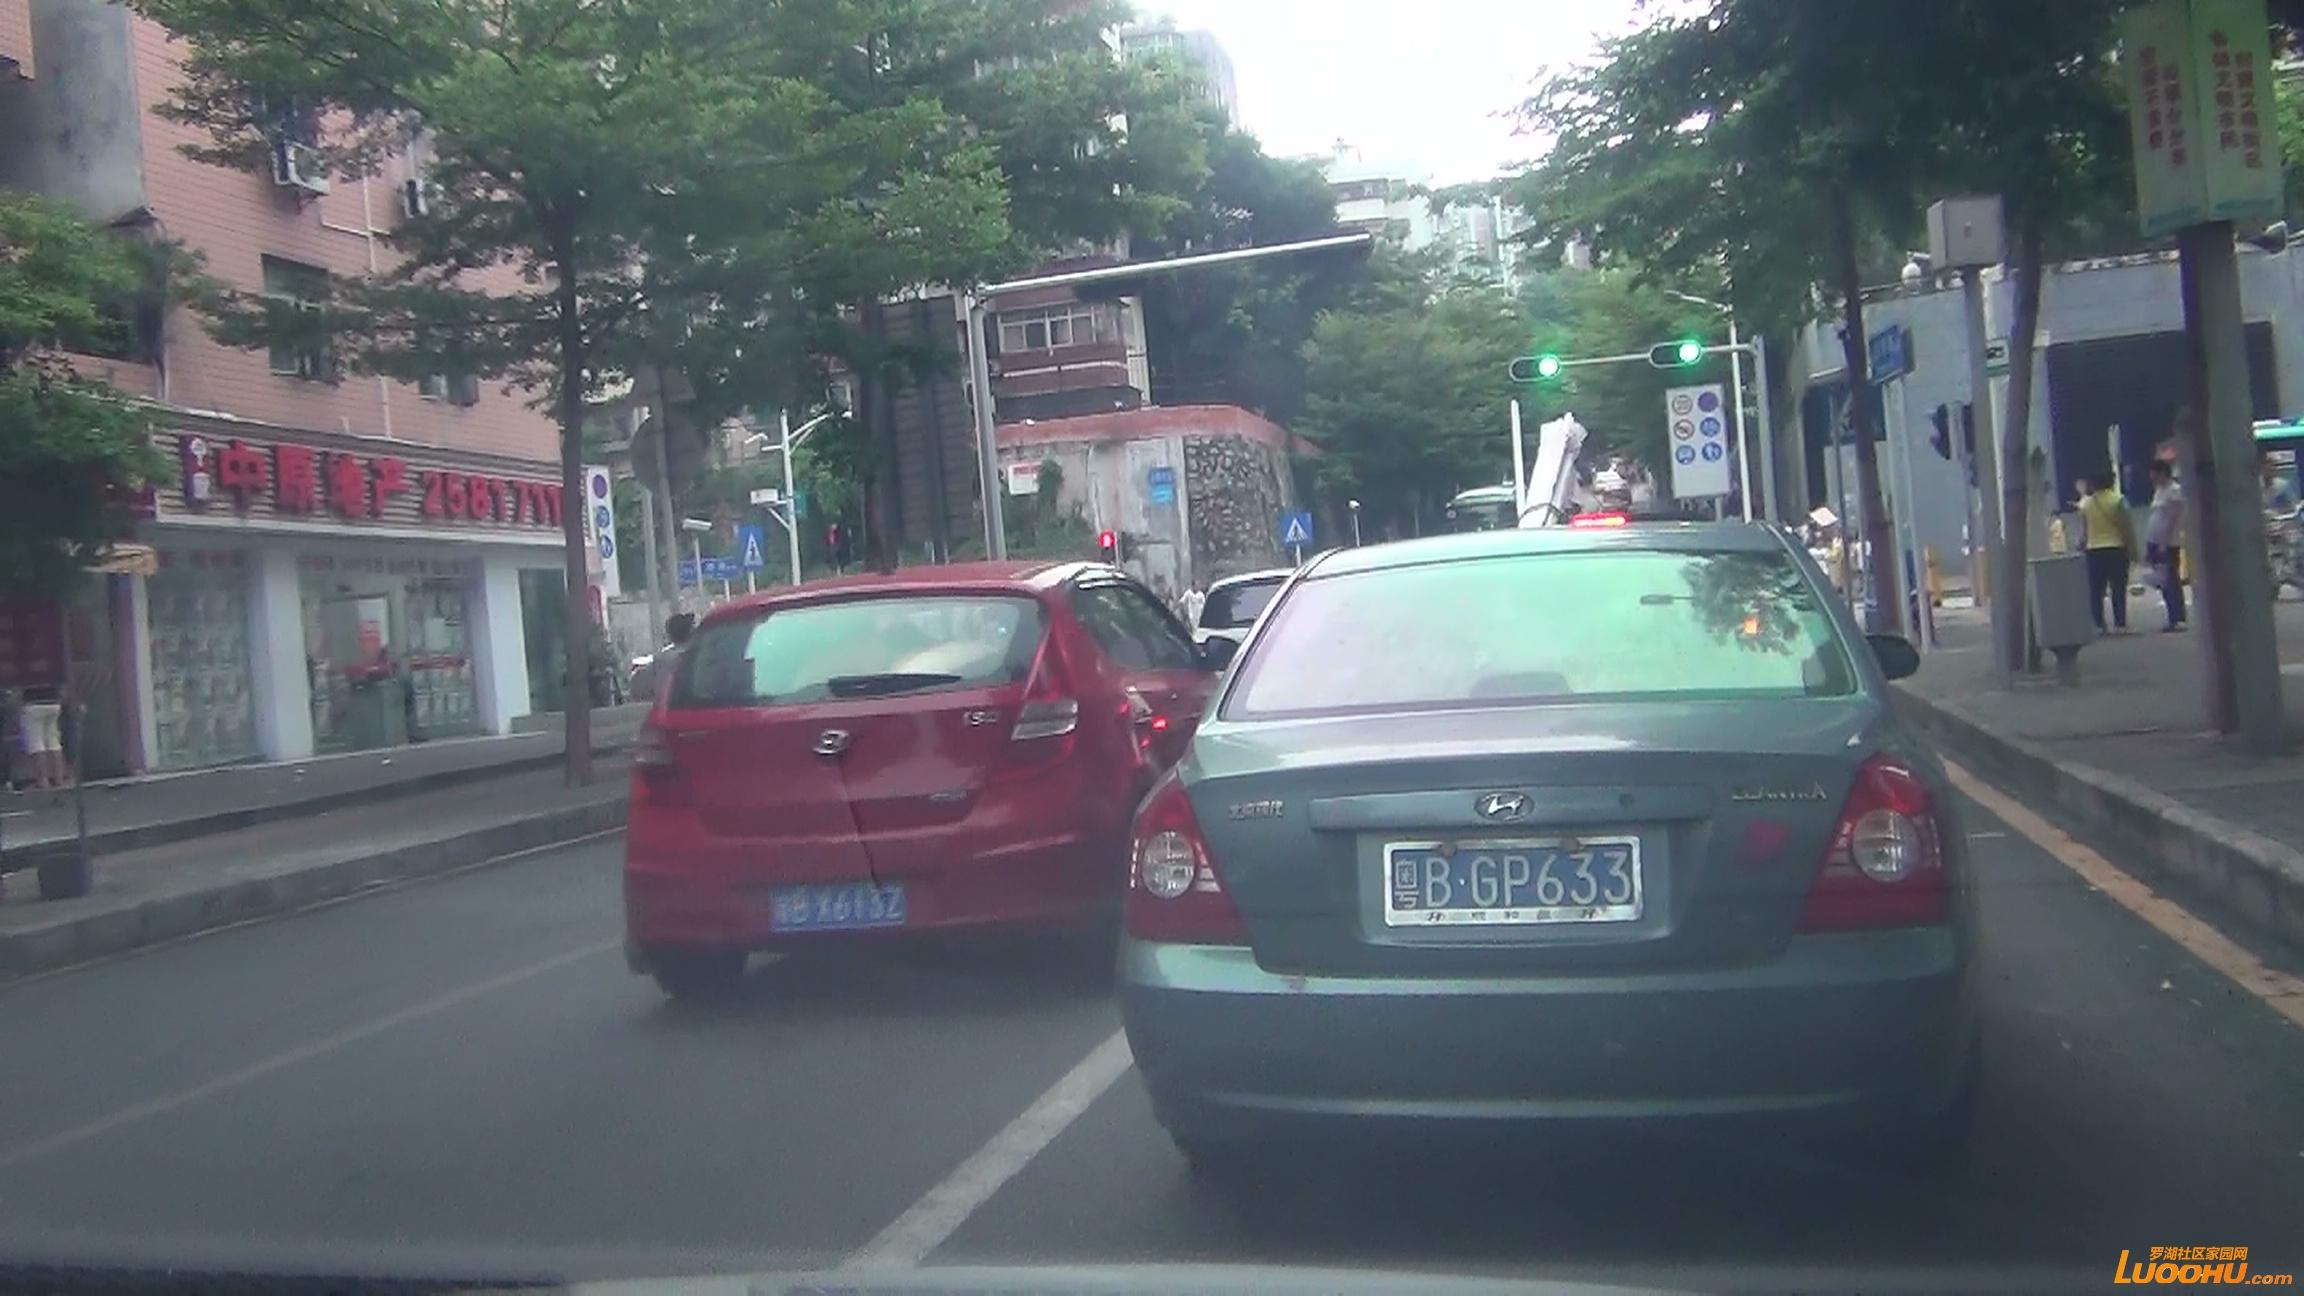 东晓路南往北红色及灰色轿车进入左转道后突然右转后直行造成后车急刹 (1).jpg.jpg